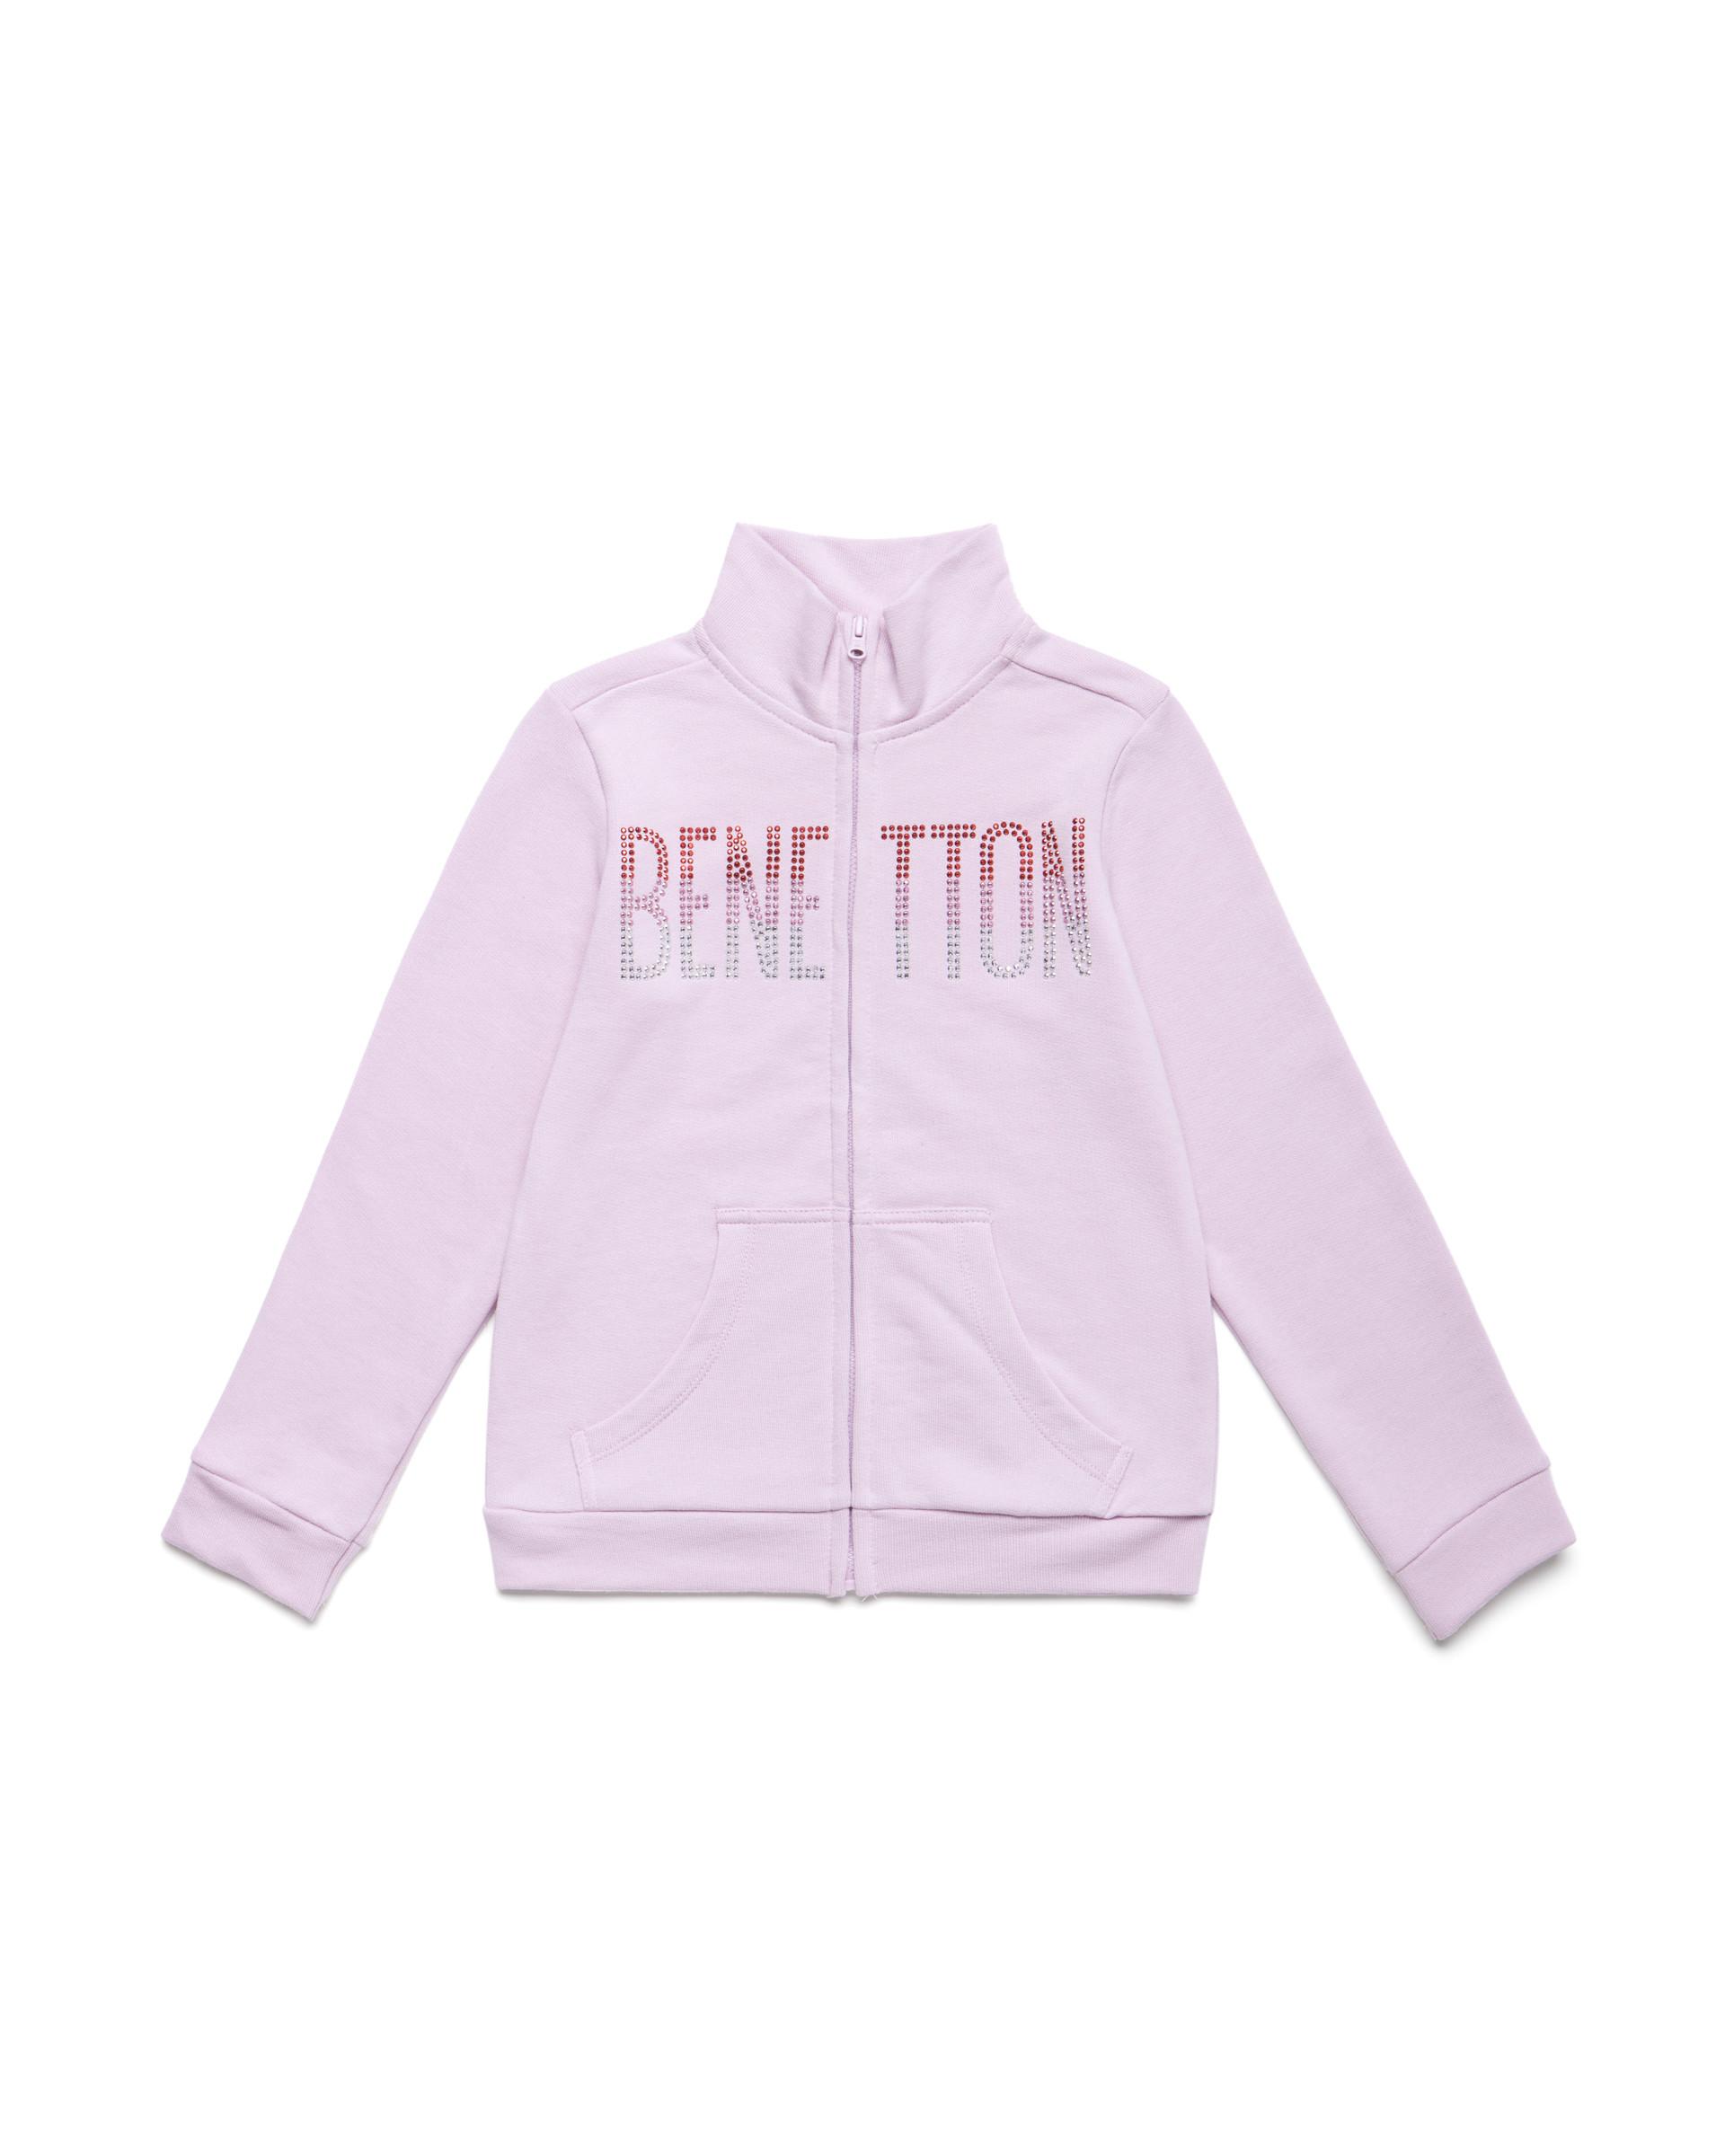 Купить 20P_3J68C5793_07M, Толстовка для девочек Benetton 3J68C5793_07M р-р 158, United Colors of Benetton, Толстовки для девочек